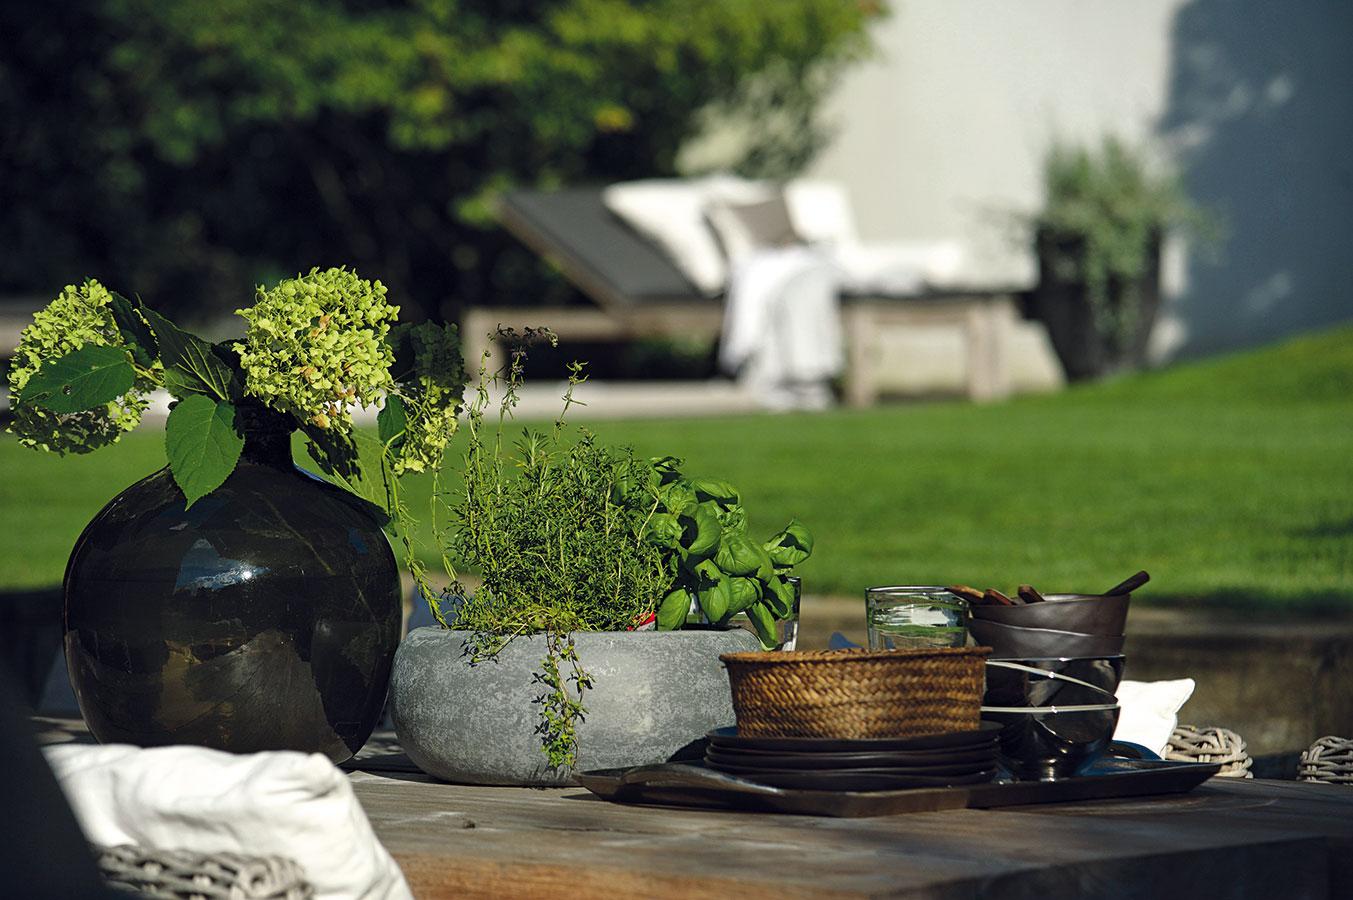 """""""Milujeme naši smutnou zahradu, která je pro nás krásná tím, jak je ponořená sama do sebe – neburcuje množstvím vjemů, barev či květů. Člověk se tak vní může zklidnit, utřídit si myšlenky avnímat detaily aprostotu prostoru."""""""